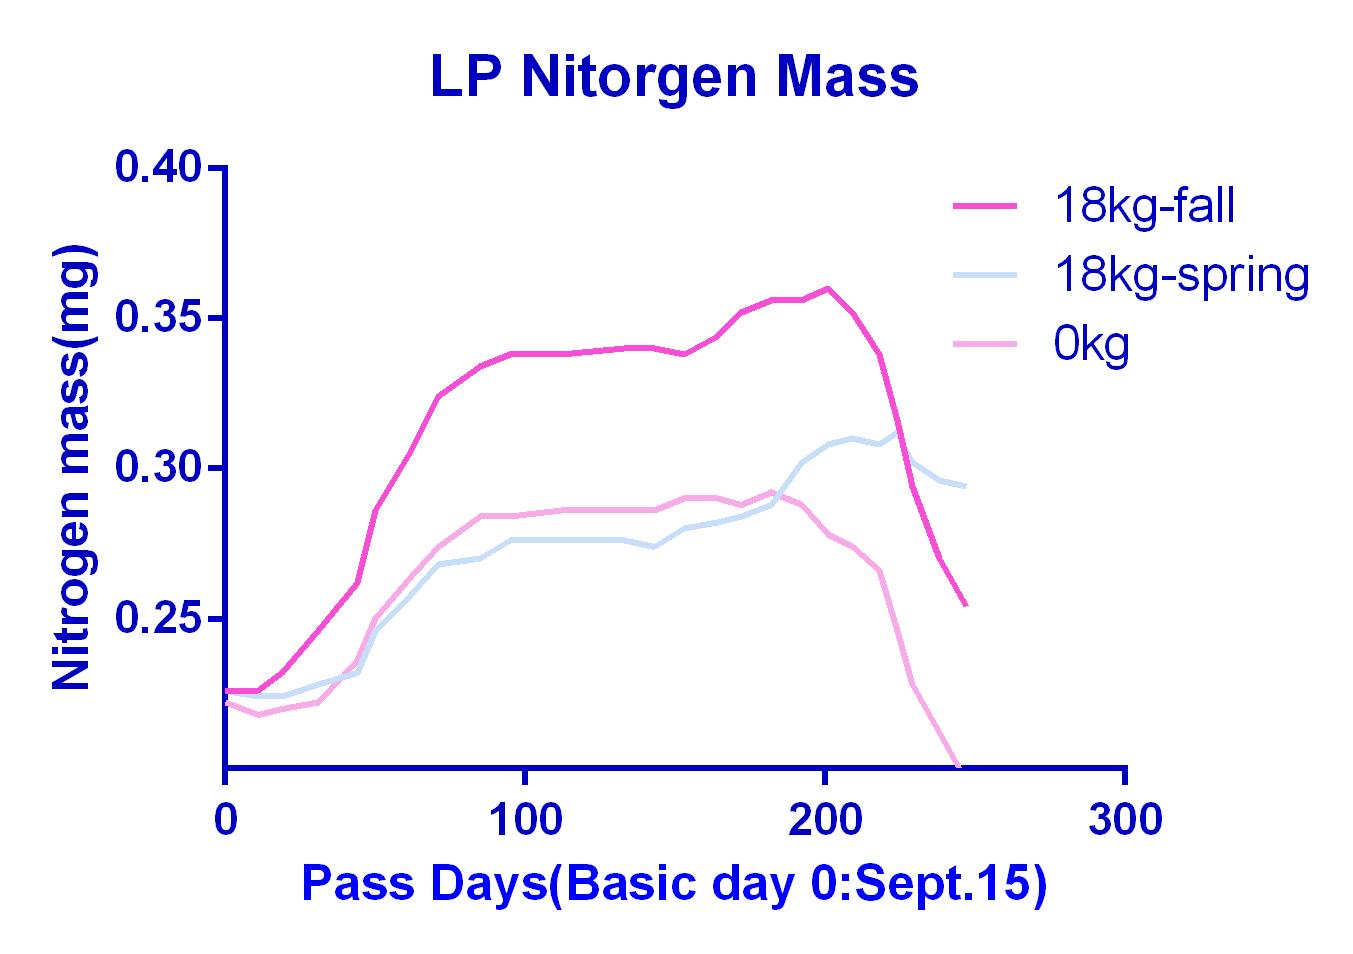 LP Nitrogen Mass